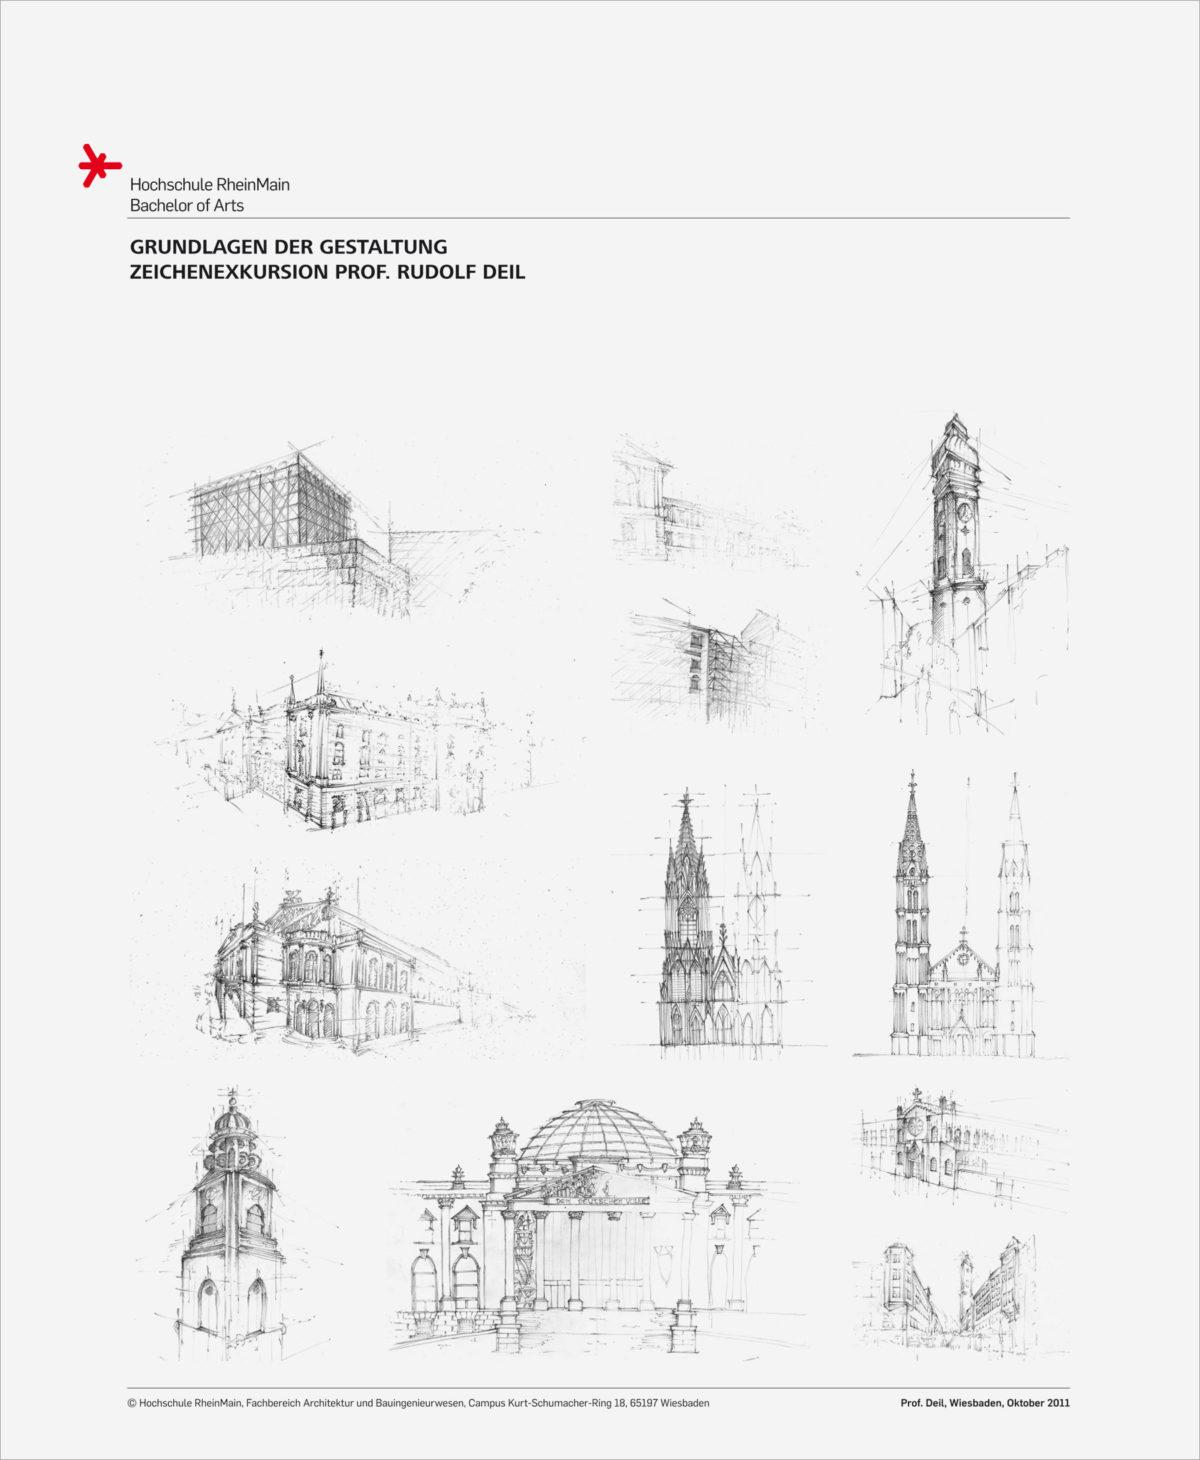 plakat-grundlagen-der-gestaltung-rudolf-deil-hsrm-09